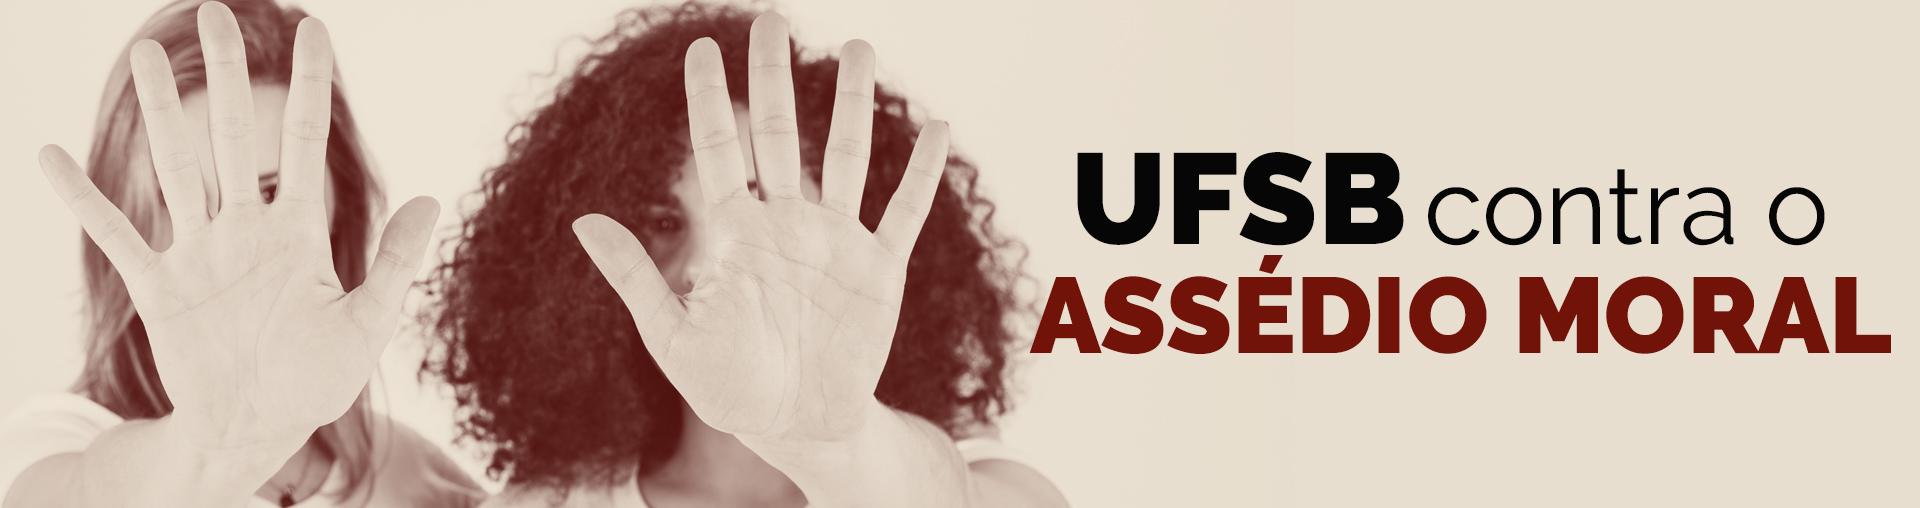 UFSB contra o Assédio Moral